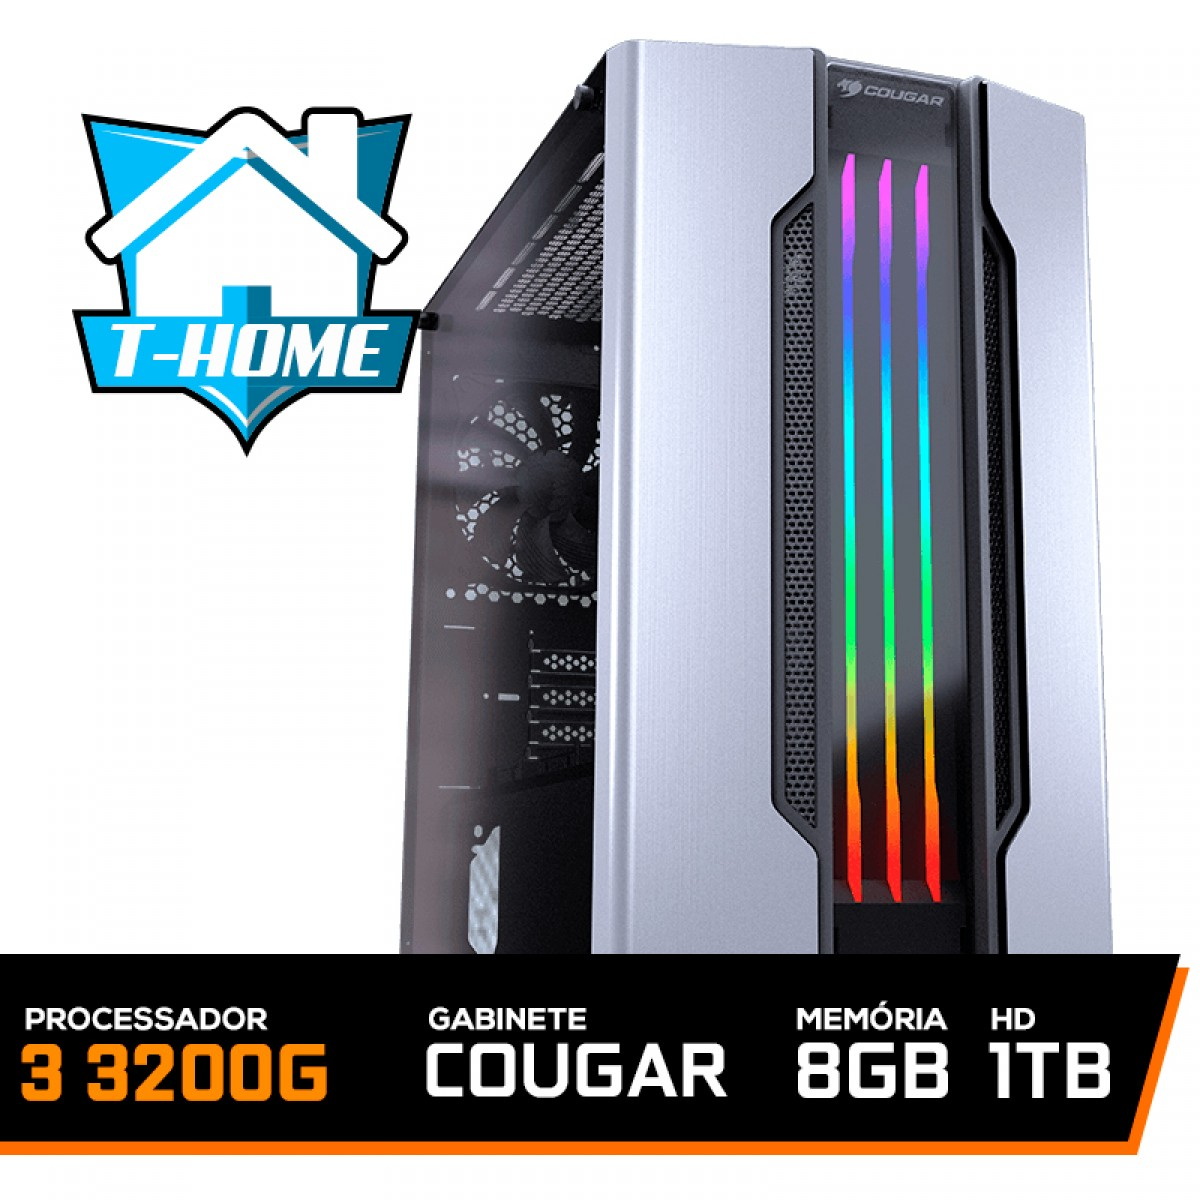 Computador T-home Ryzen 3 3200G / 8Gb DDR4 / HD 1Tb